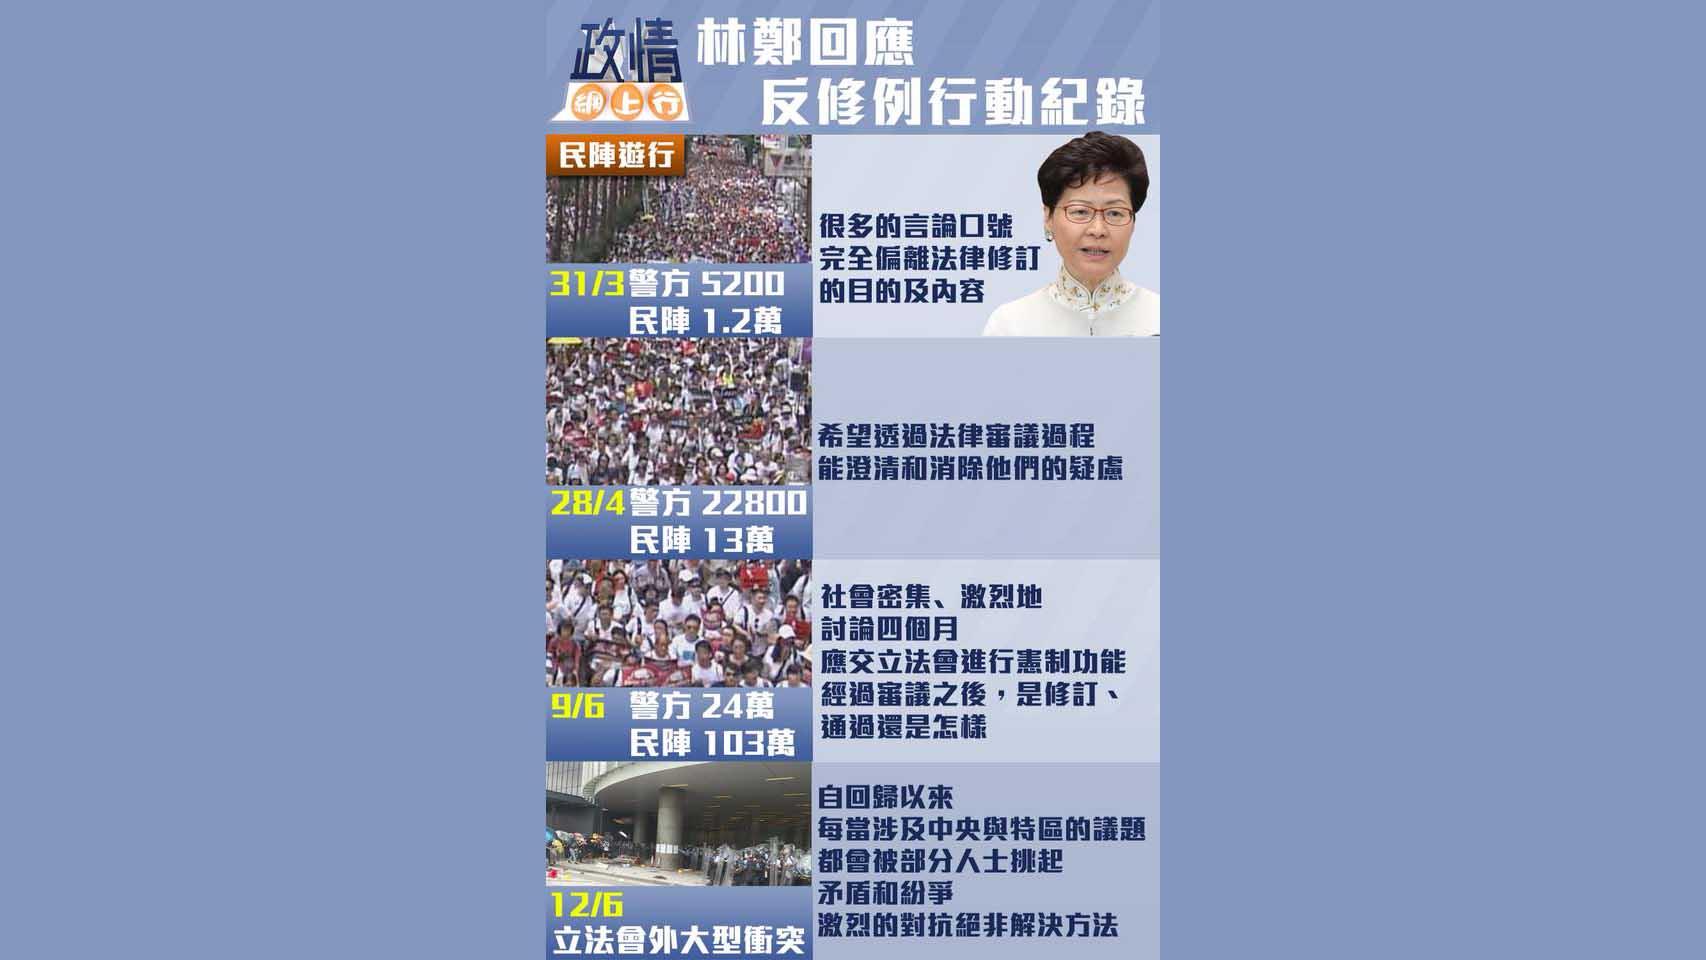 【政情網上行】林鄭回應反修例行動紀錄